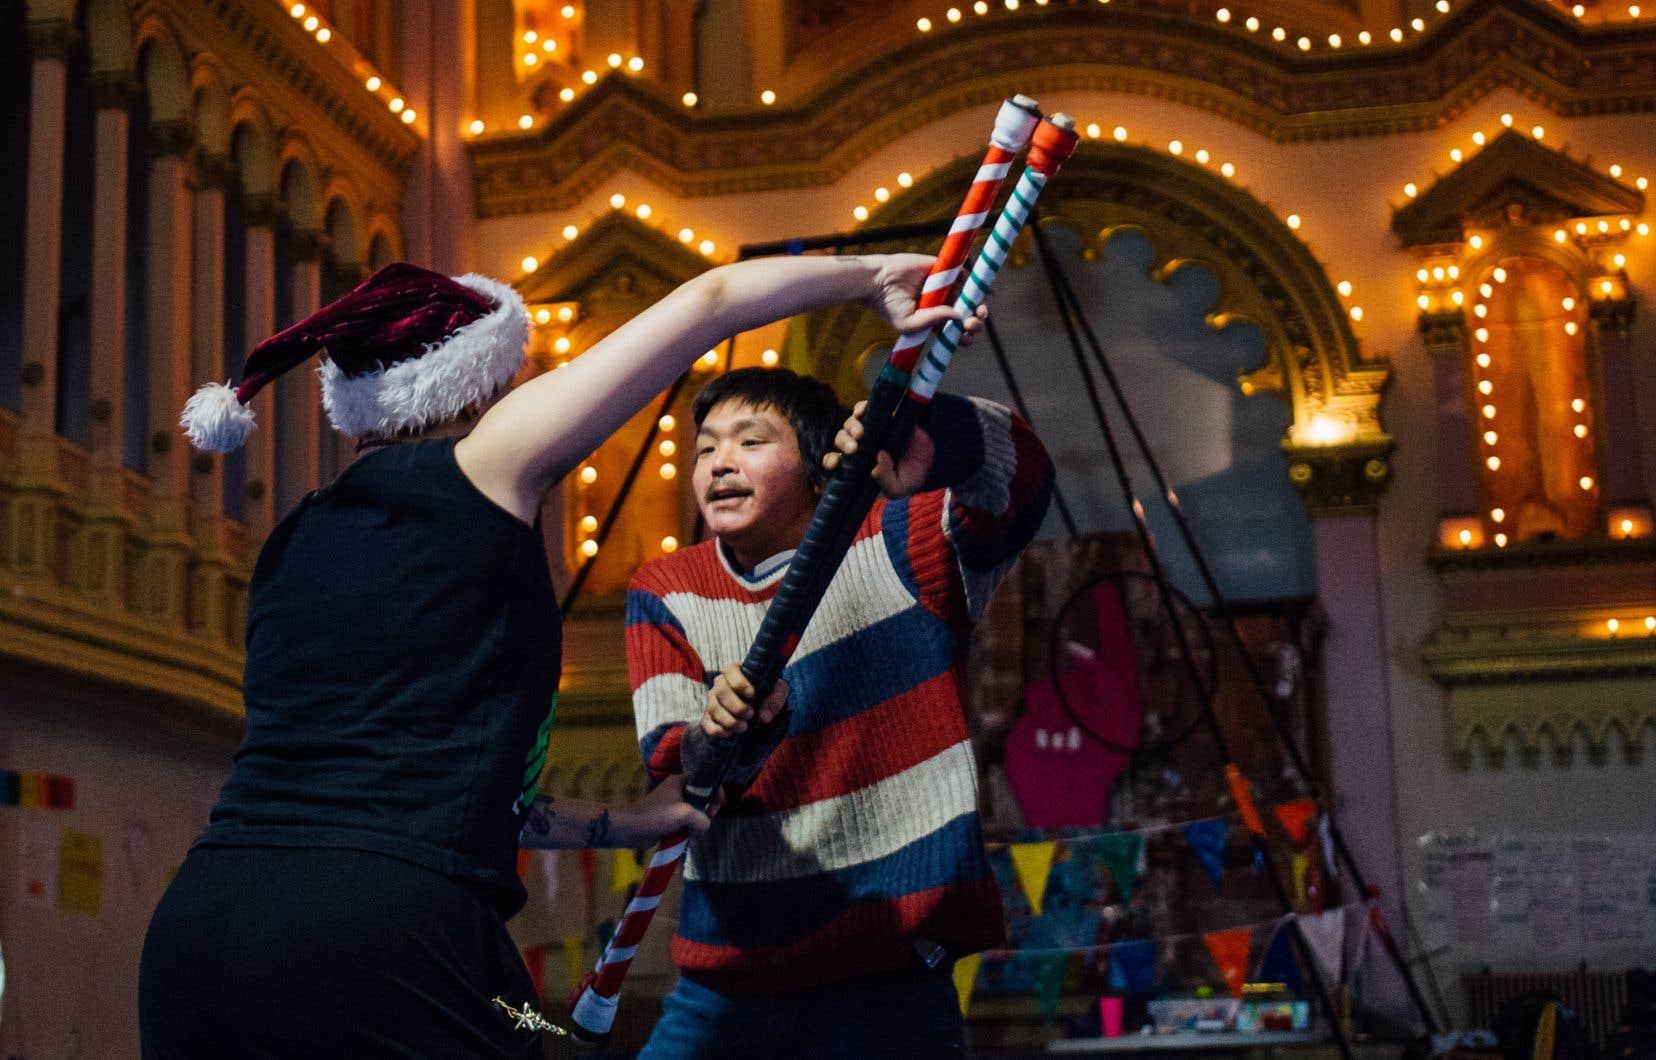 Dans l'exercice du jour, les manches à balai se muent magiquement en cannes, en accessoires de jonglerie ou encore en sabres entre les mains inventives des participants.